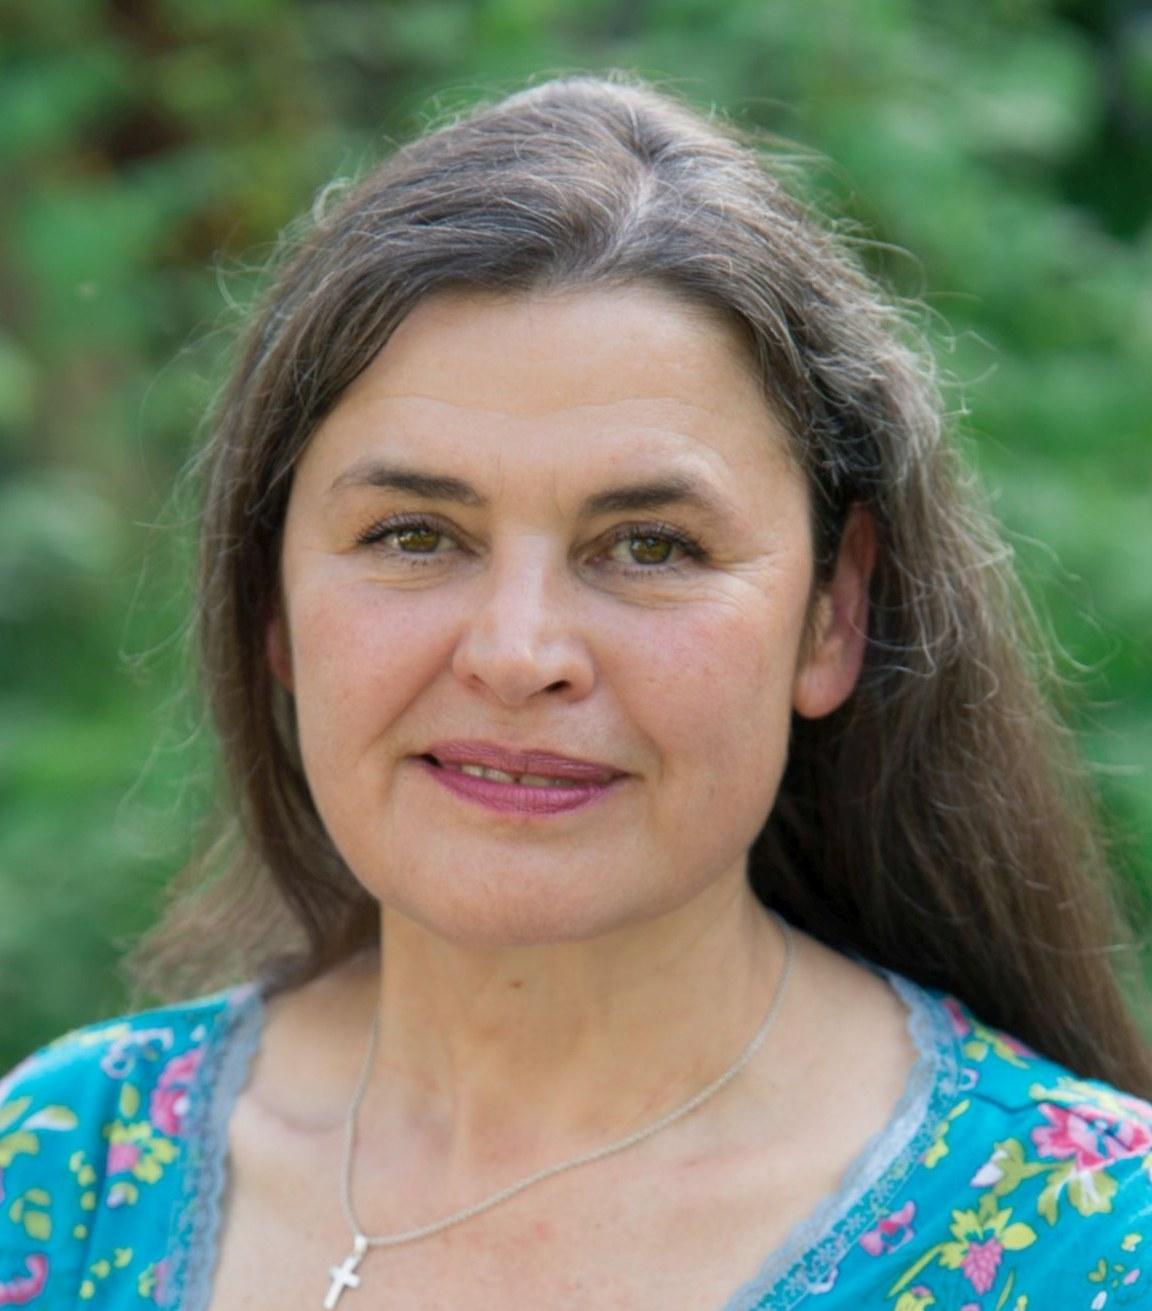 Susanna Melzer